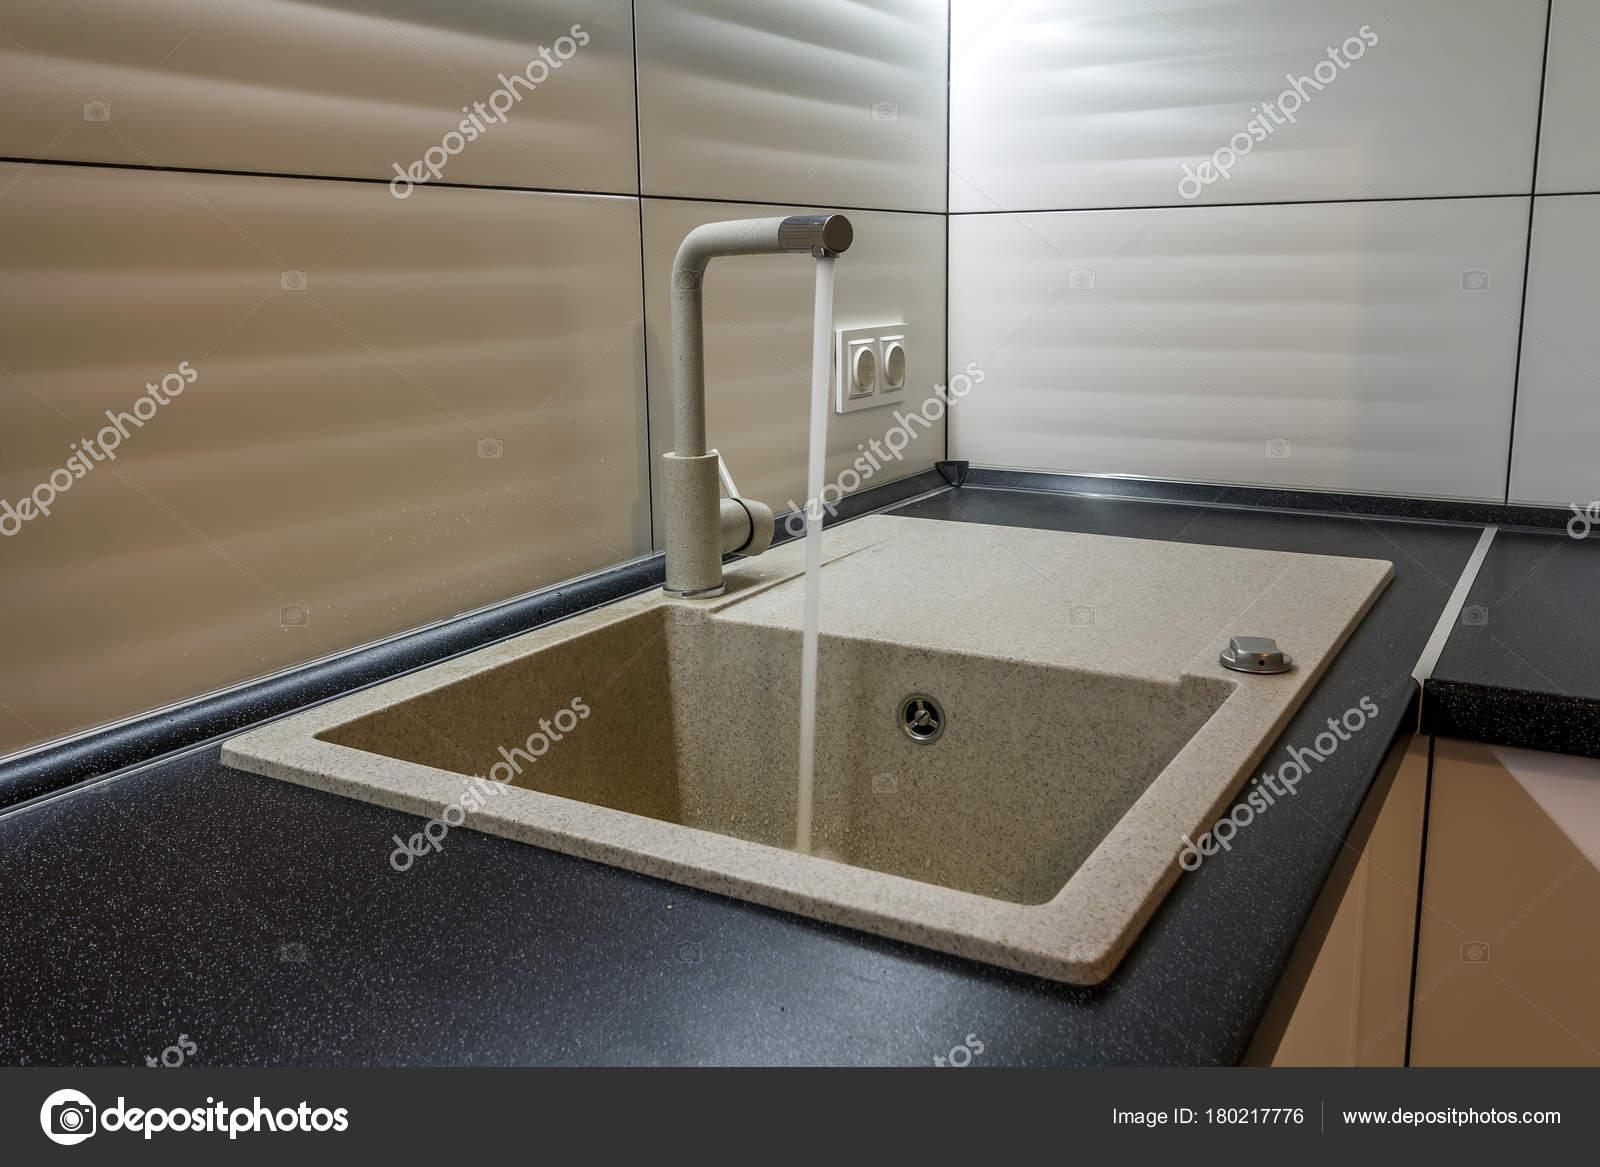 Rubinetto Di Lavabo E Acqua Di Granito Nel Nuovo Interiore Moderno Della  Cucina U2014 Foto Di Bilanol.i.ua